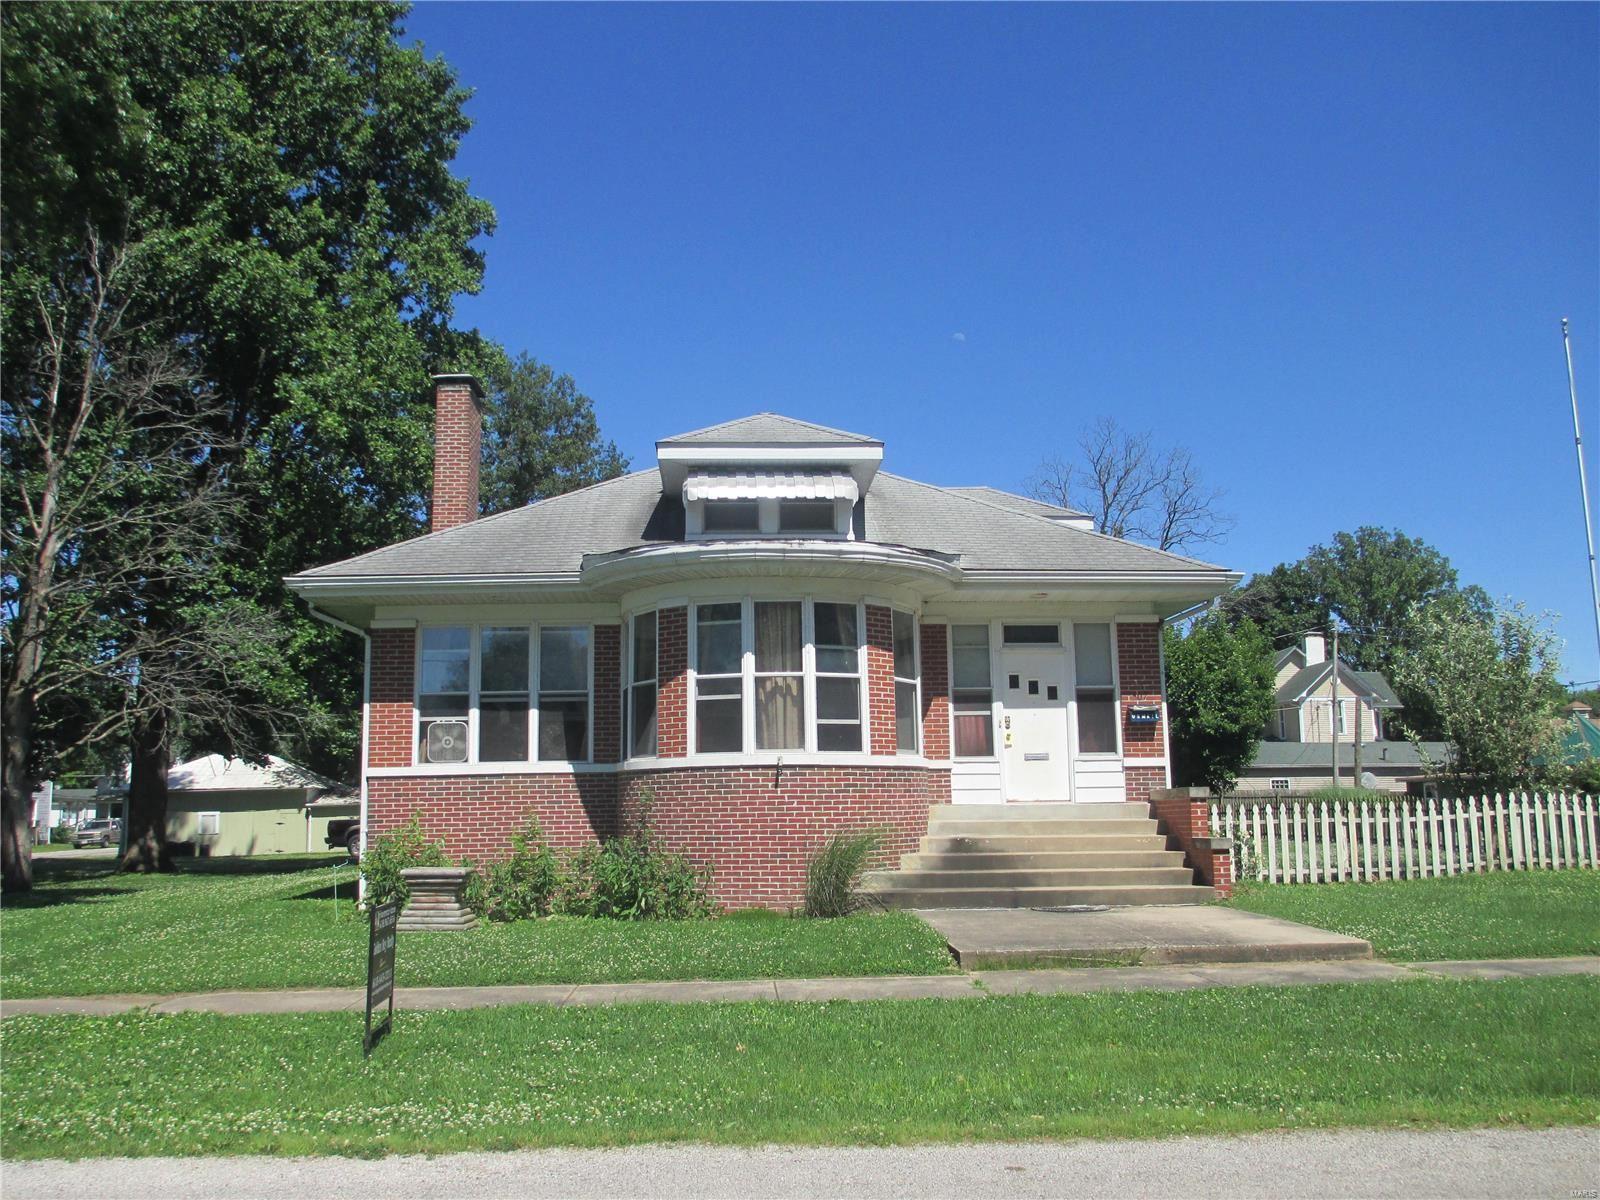 507 South Park Street, Marissa, IL 62257 - MLS#: 20012645